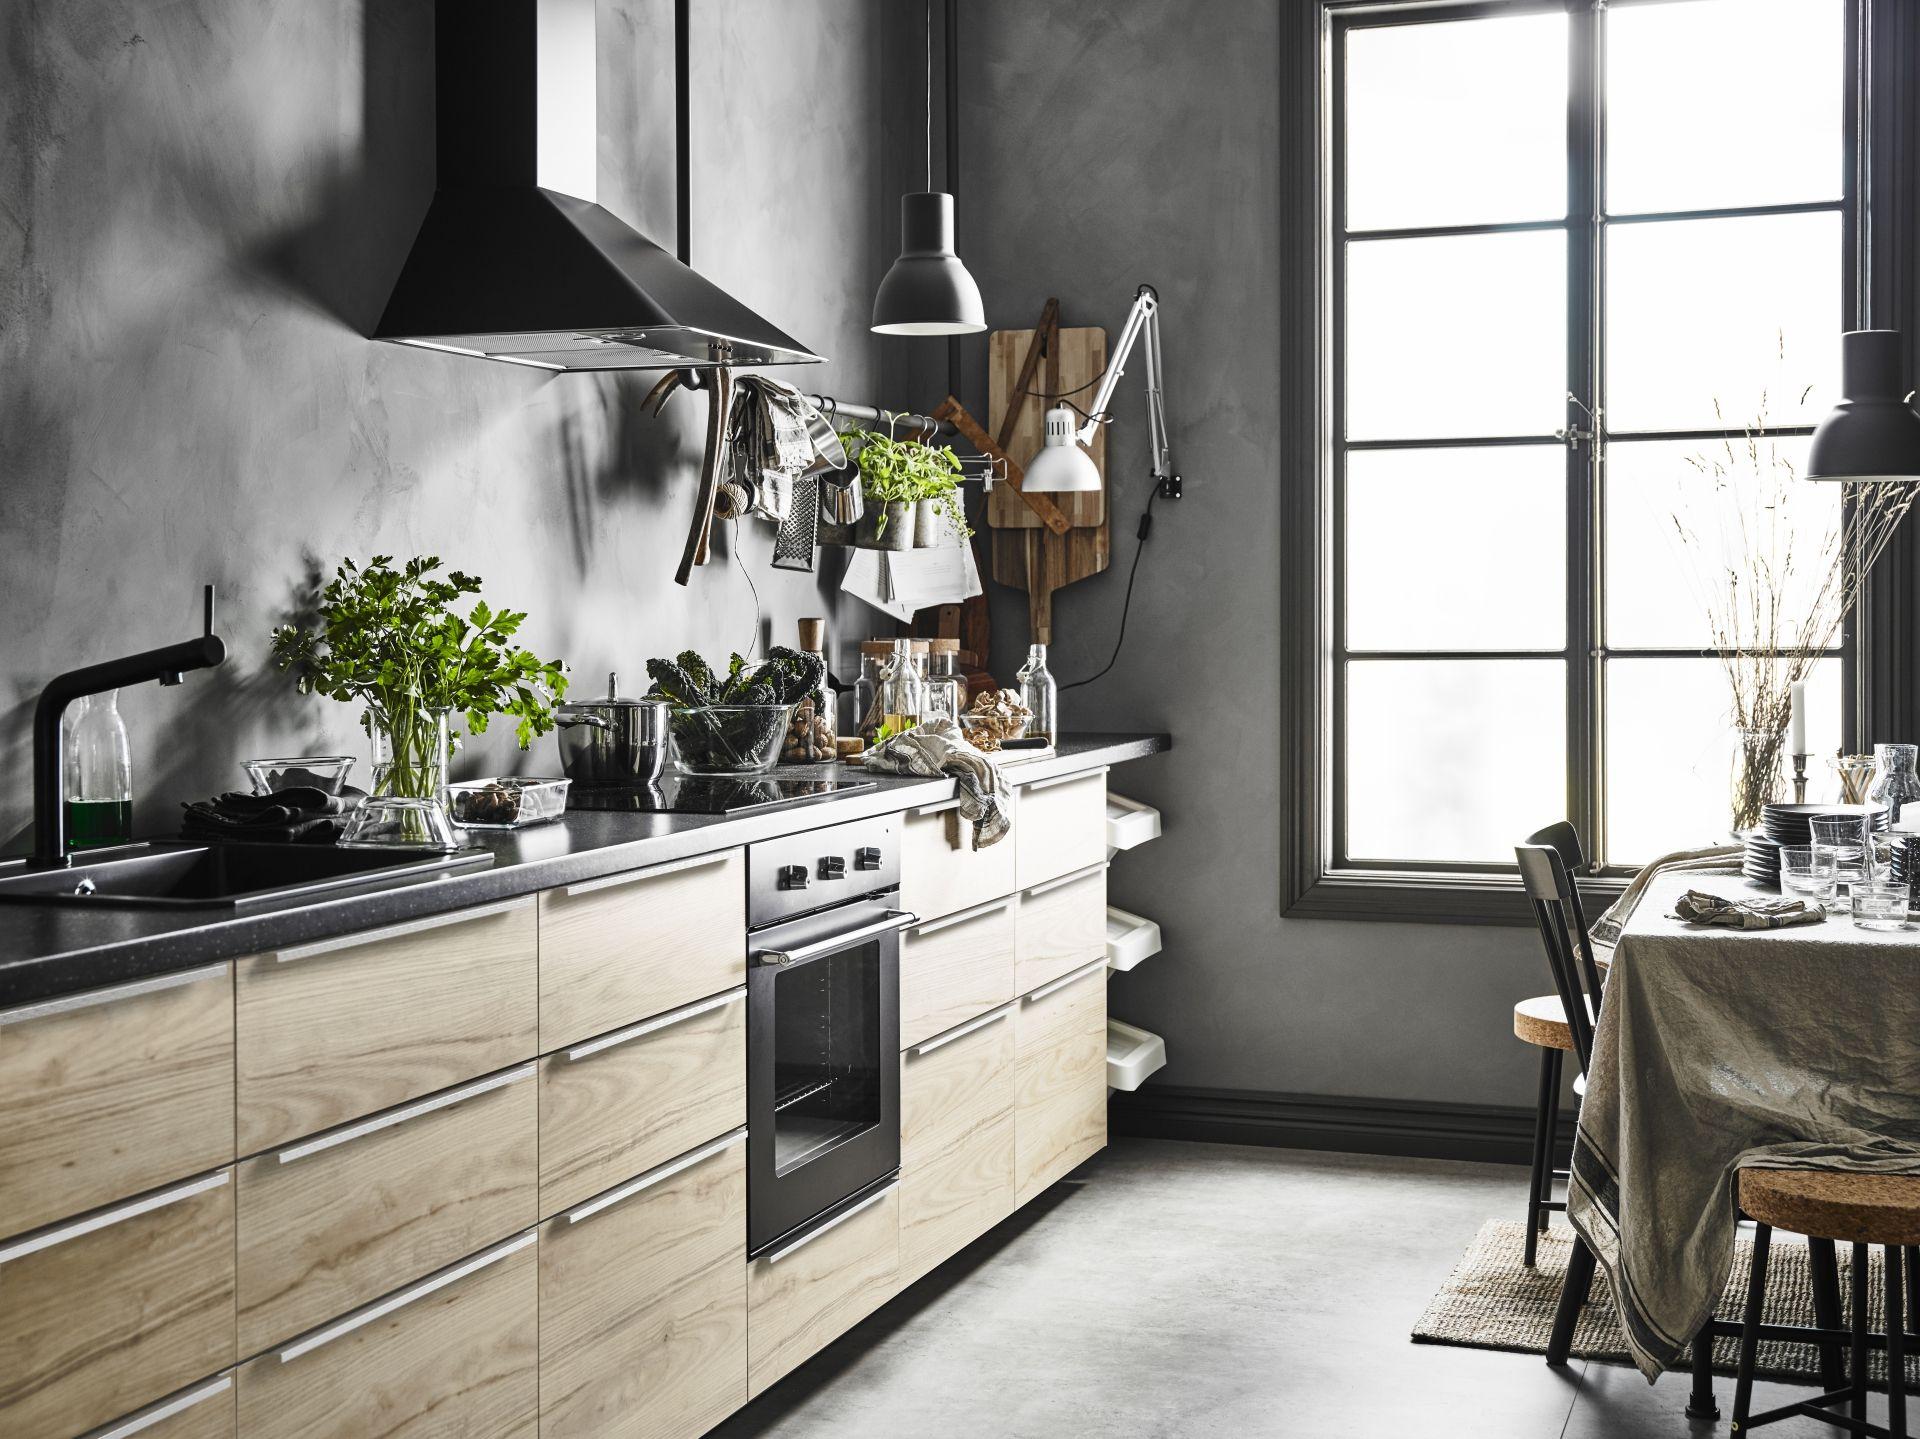 Metod Keuken Ikea : Metod askersund keuken ikea ikeanl ikeanederland interieur